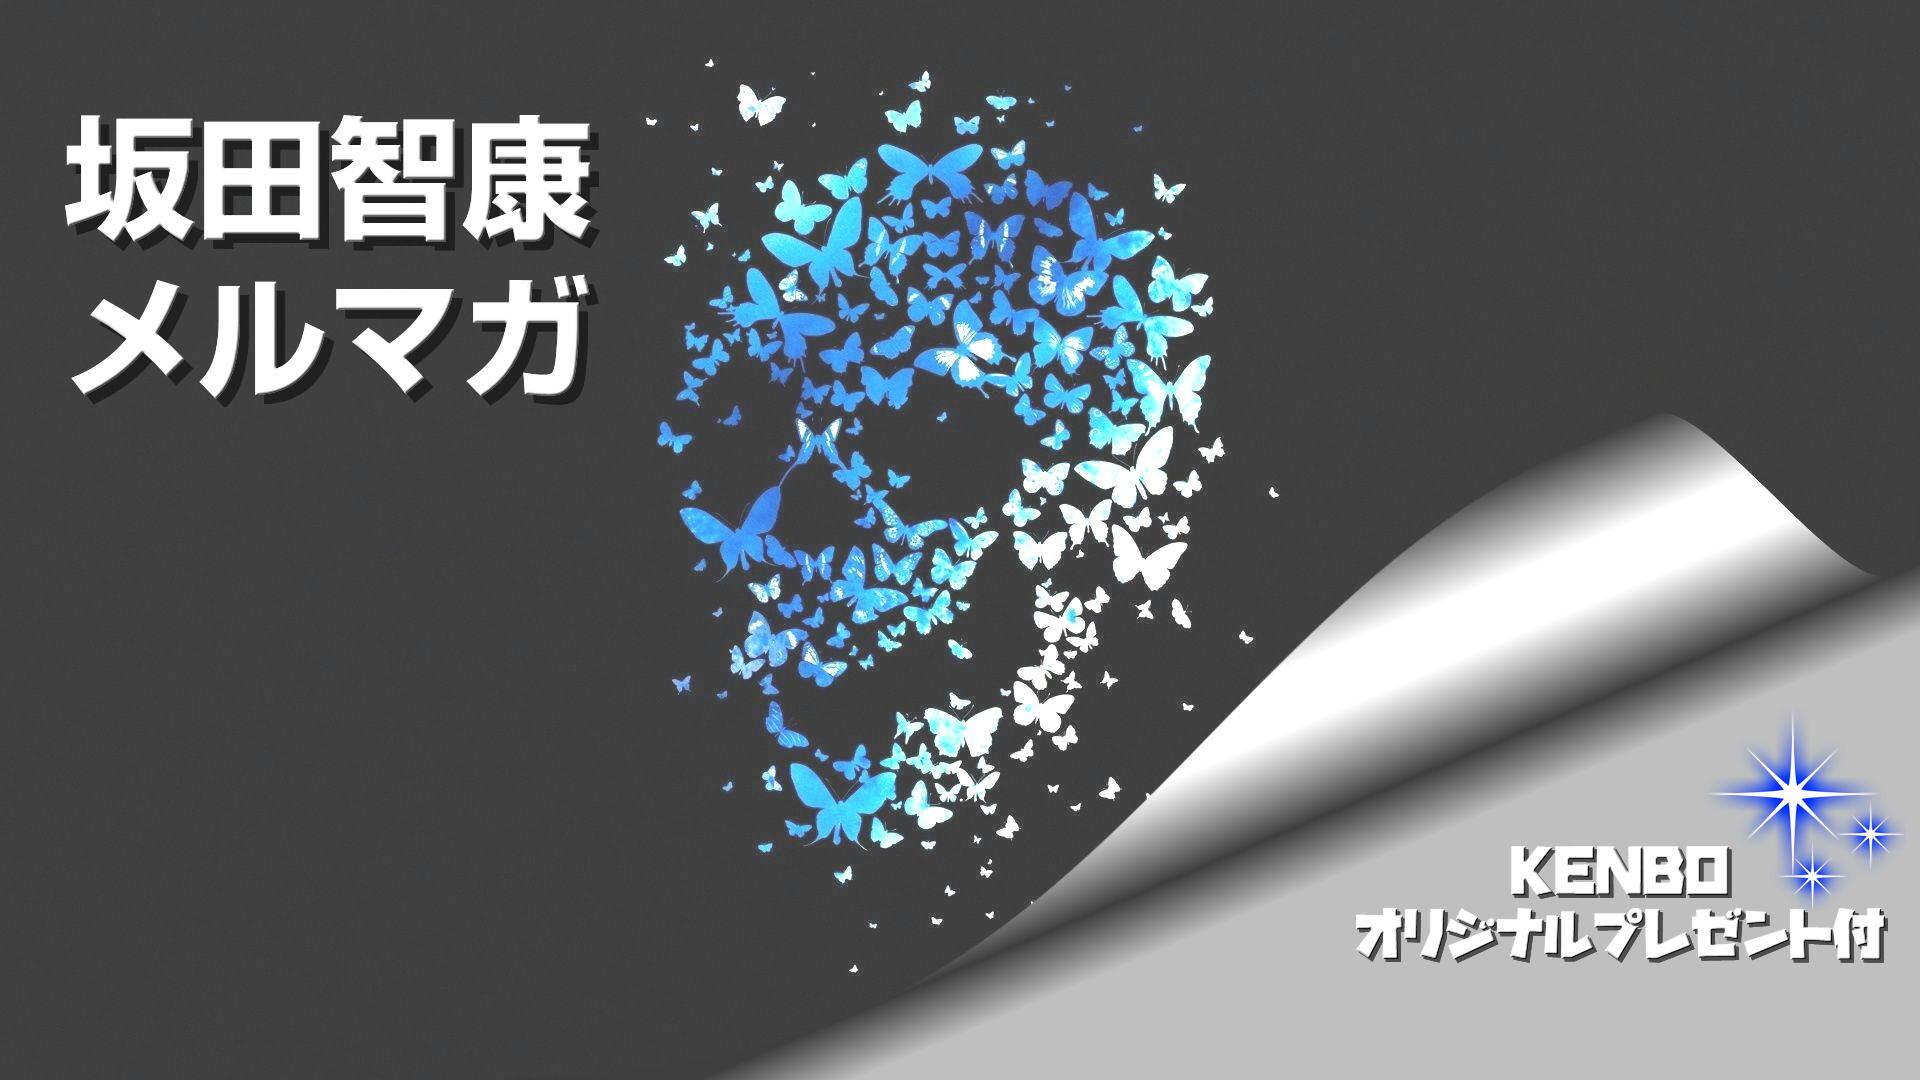 これだけ得する(鬼ほど怪しい)坂田智康メルマガとKENBOのご登録プレゼント